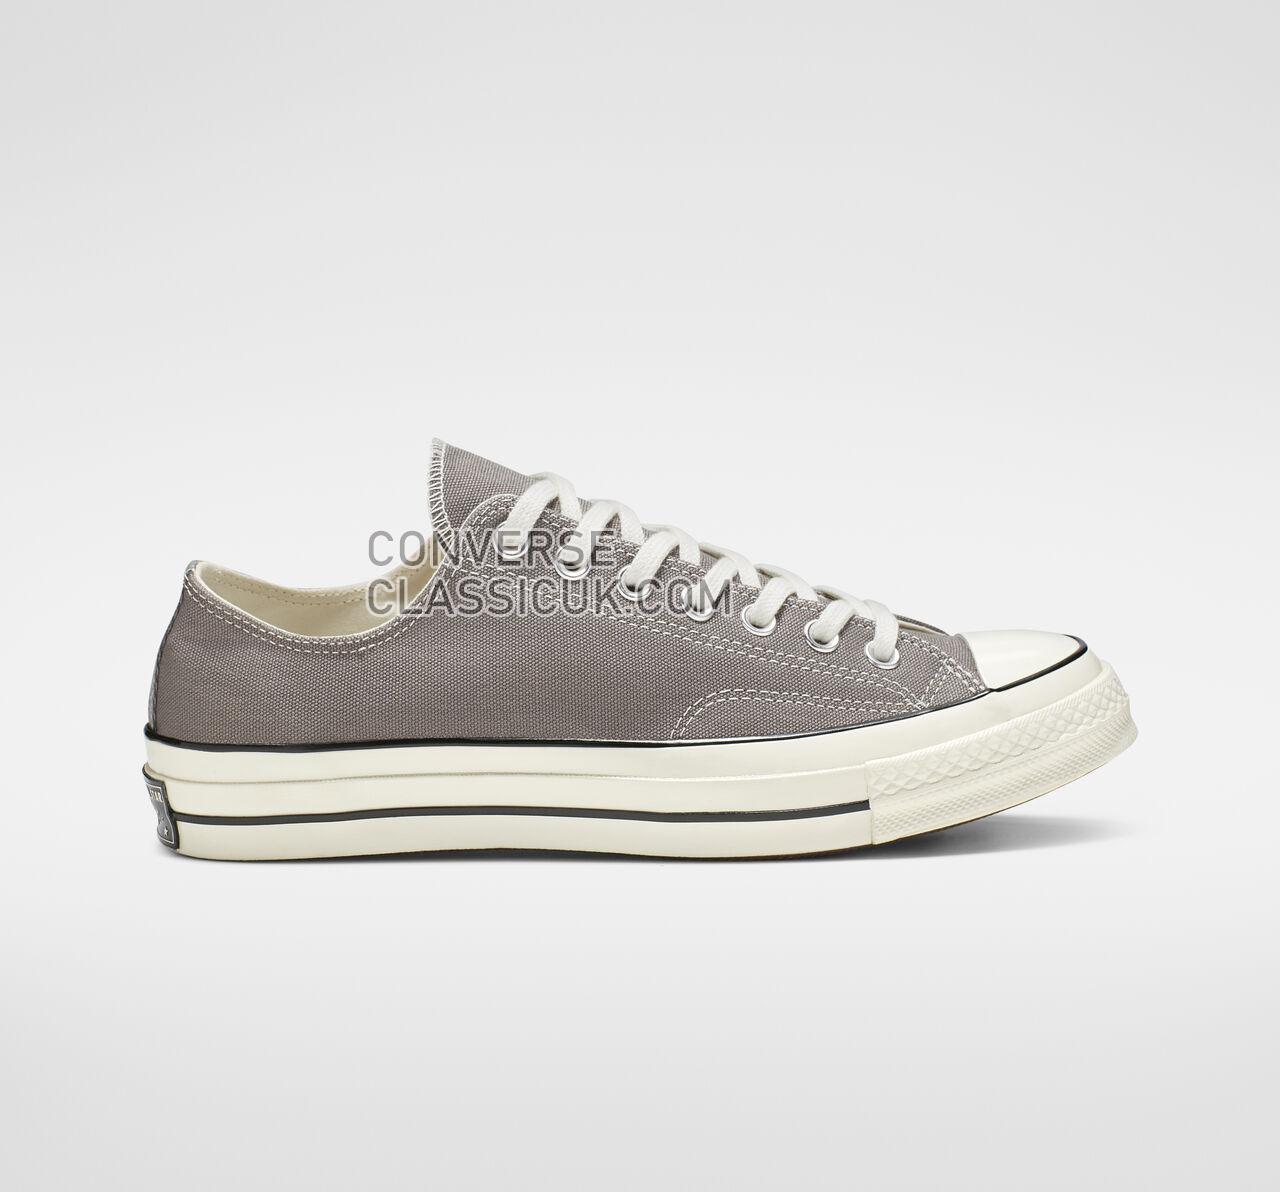 Converse Chuck 70 Low Top Mens Womens Unisex 164951C Mason/Egret/Black Shoes